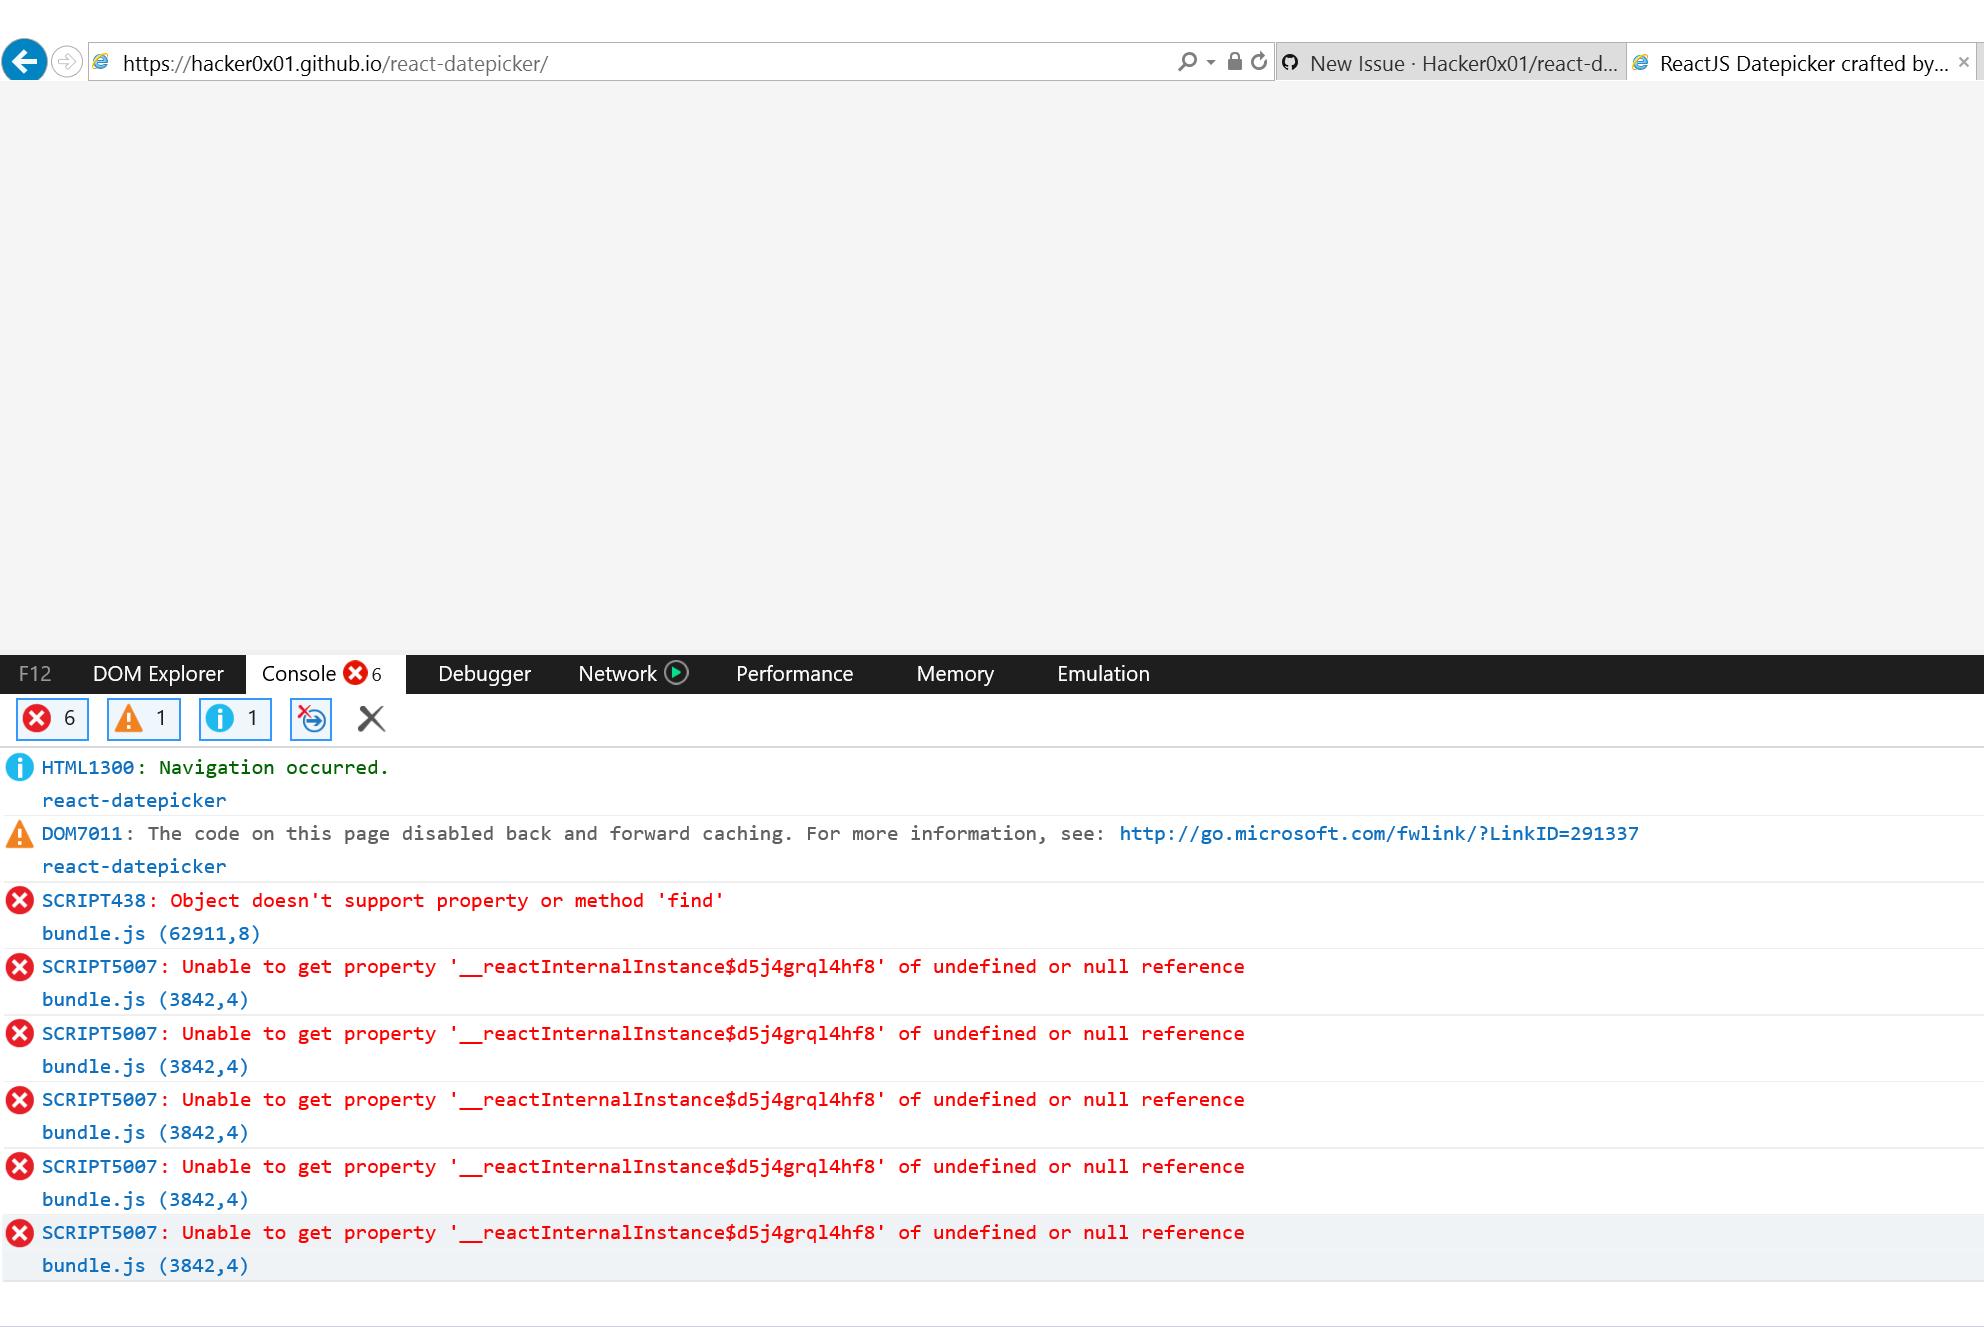 DatePicker does not work in IE 11 · Issue #1076 · Hacker0x01